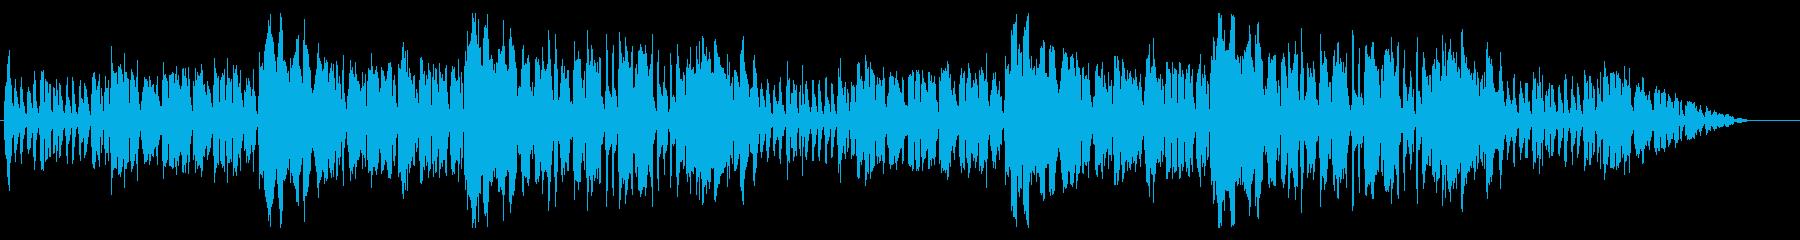 強気(どこか間抜け)な行進曲の再生済みの波形